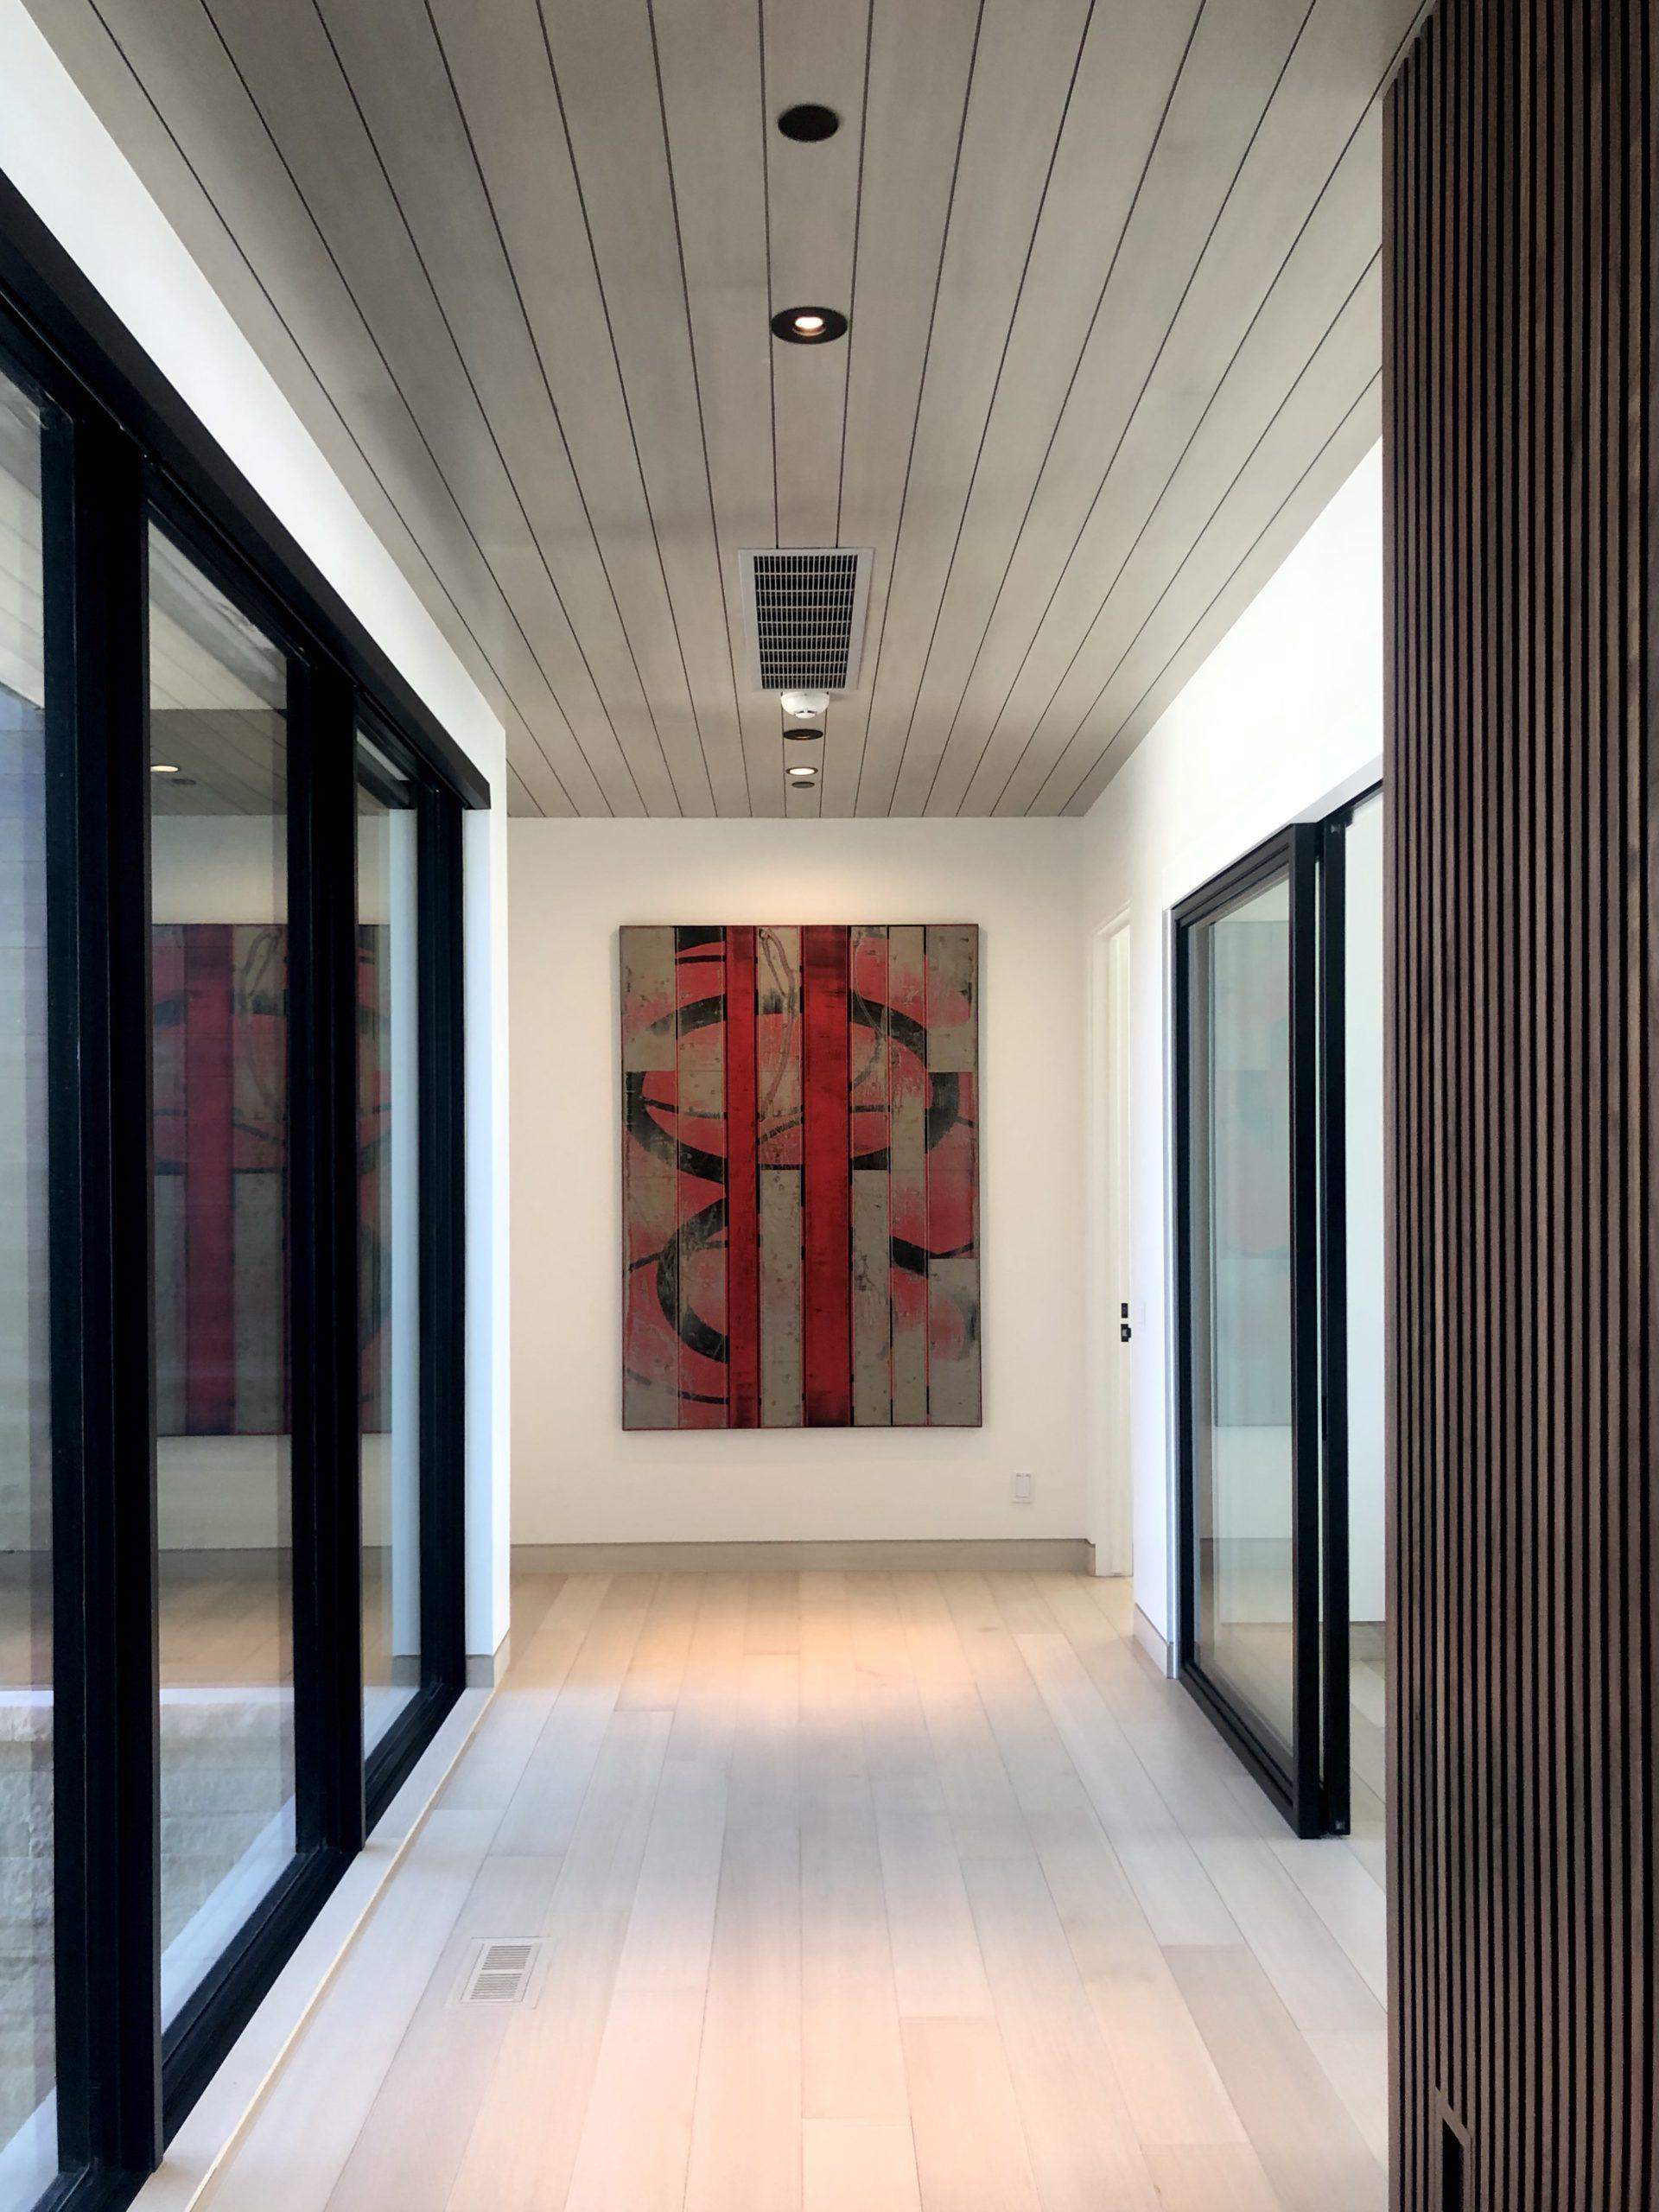 Michael Kessler-abstract painting-In Situ-2020